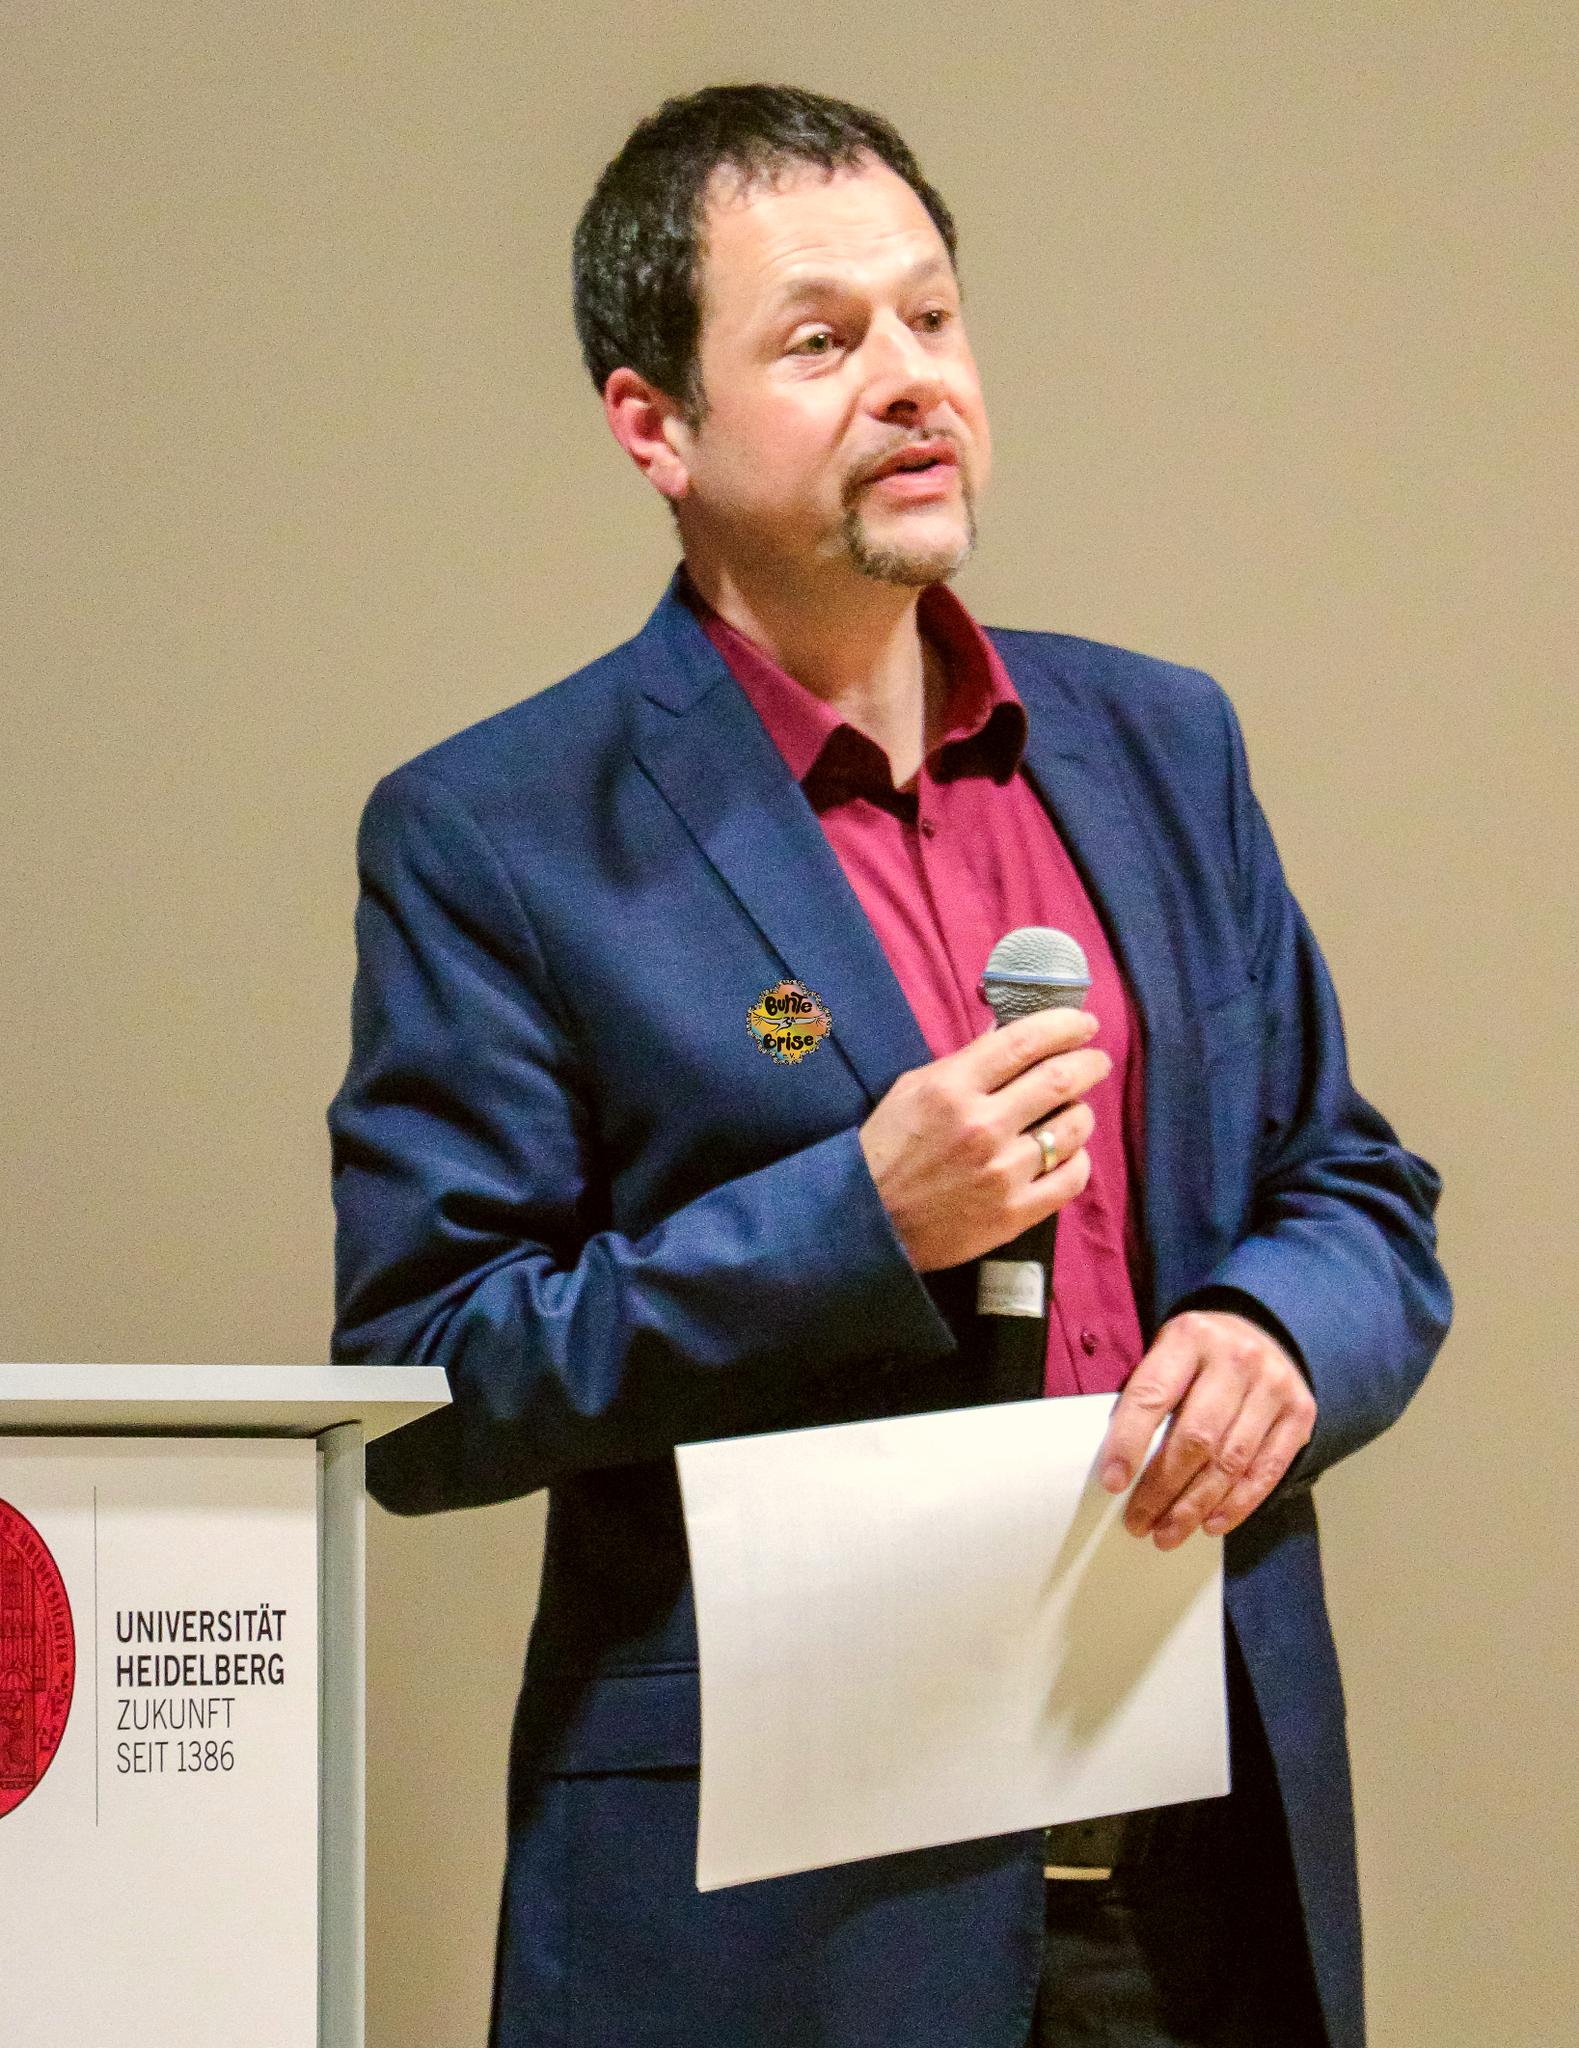 Prof. Dr. Guido Sprenger, Institut für Ethnologie, Ruprecht-Karls-Universität Heidelberg